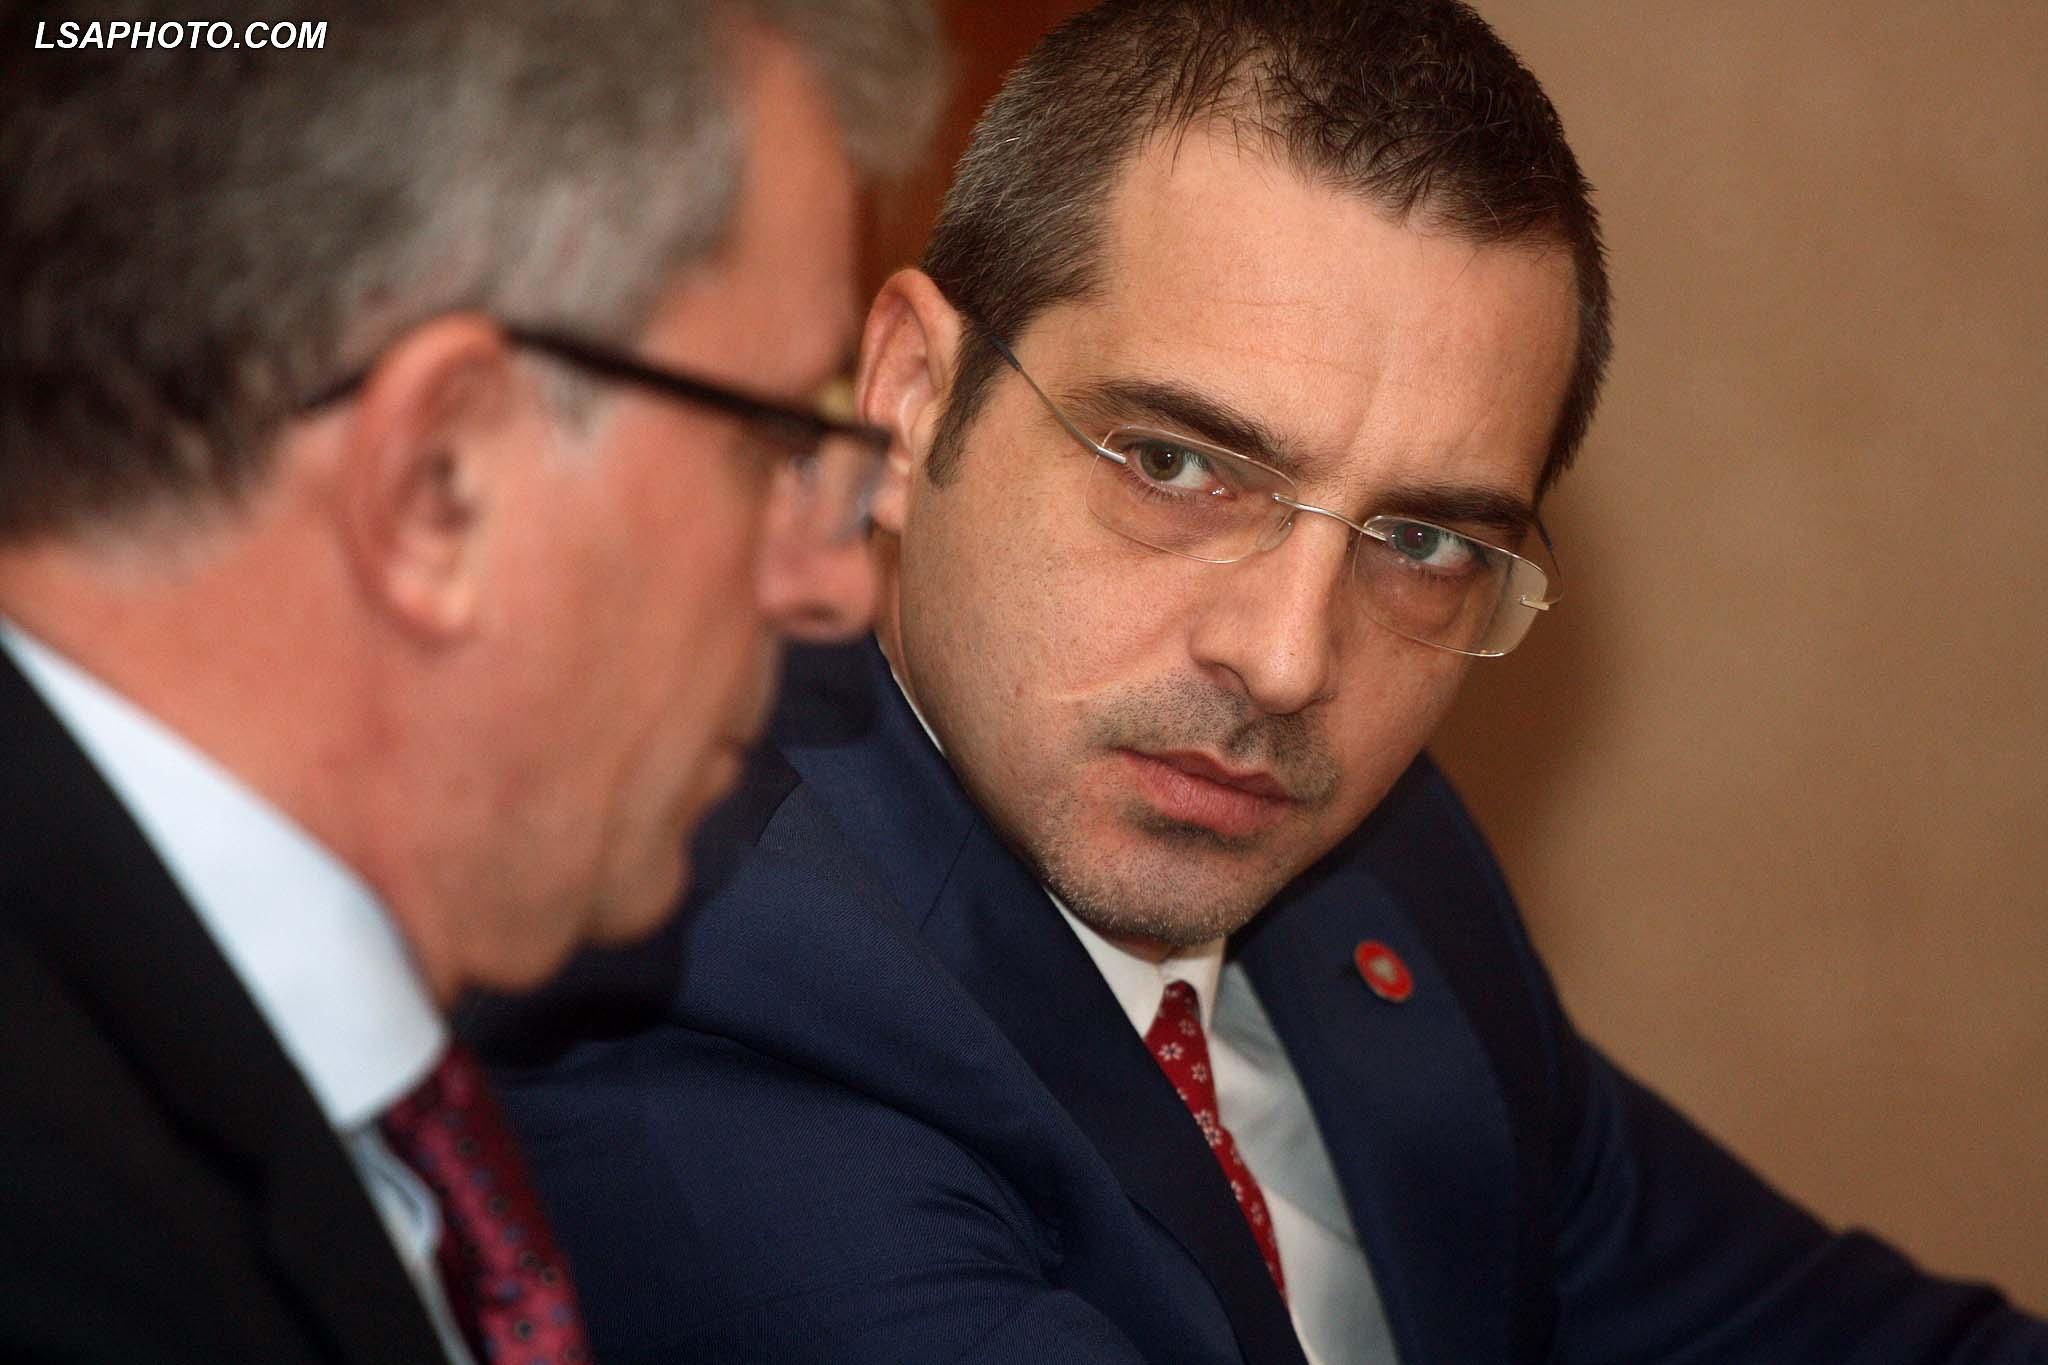 Zbardhet sherri, ja çfarë ndodhi mes Tahirit dhe Ajazit në mbledhjen e Këshillit të Sigurisë